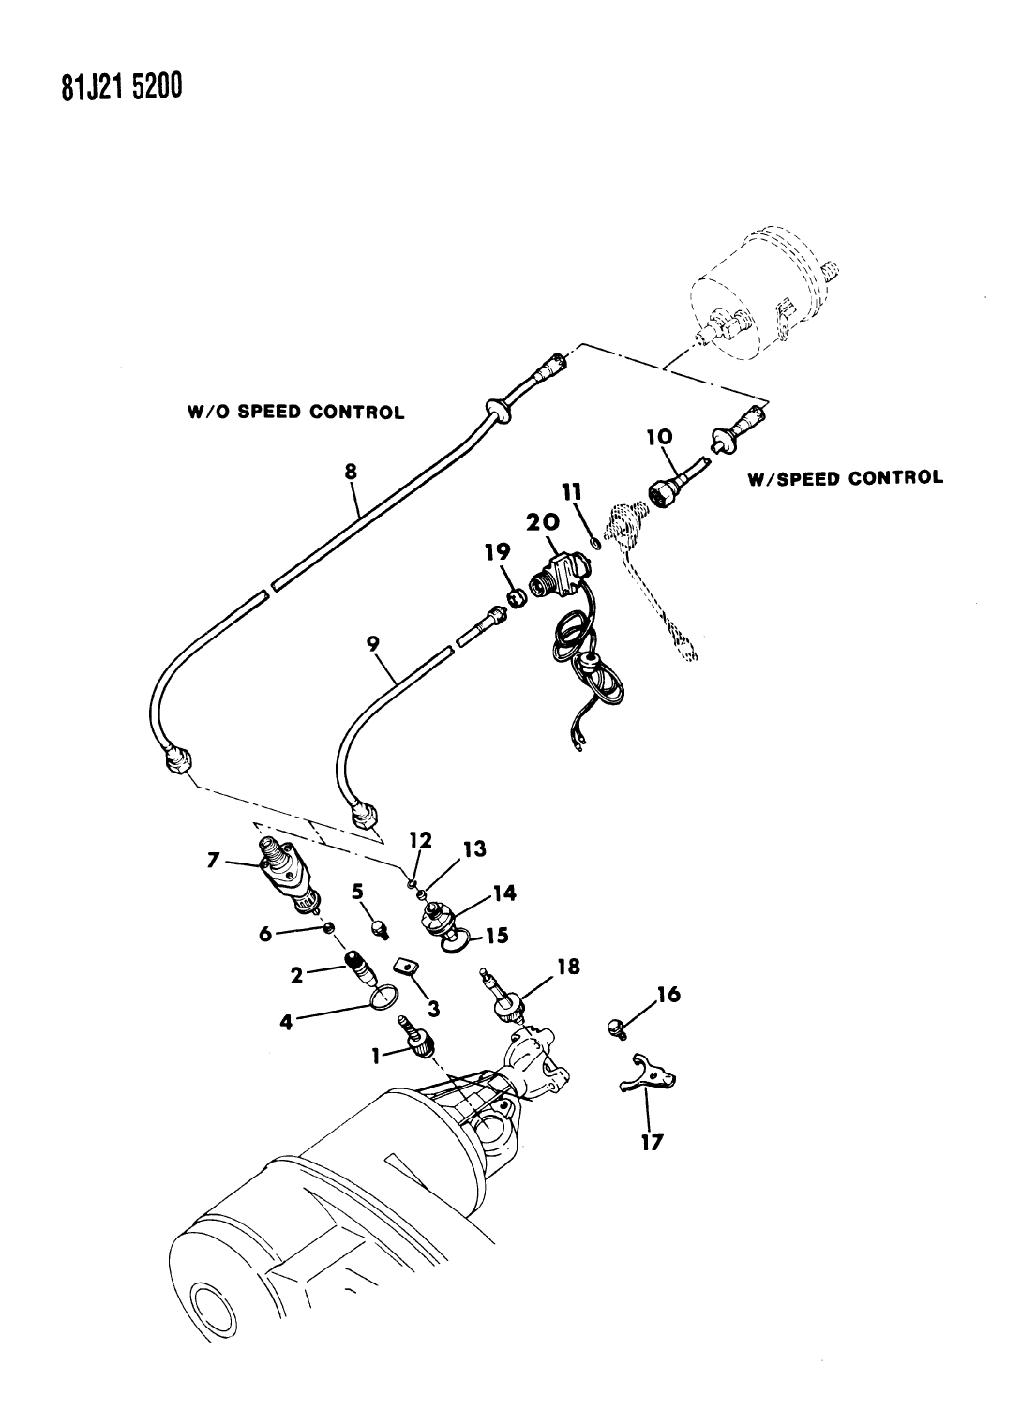 1986 Jeep Comanche Cable, Speedometer & Pinion